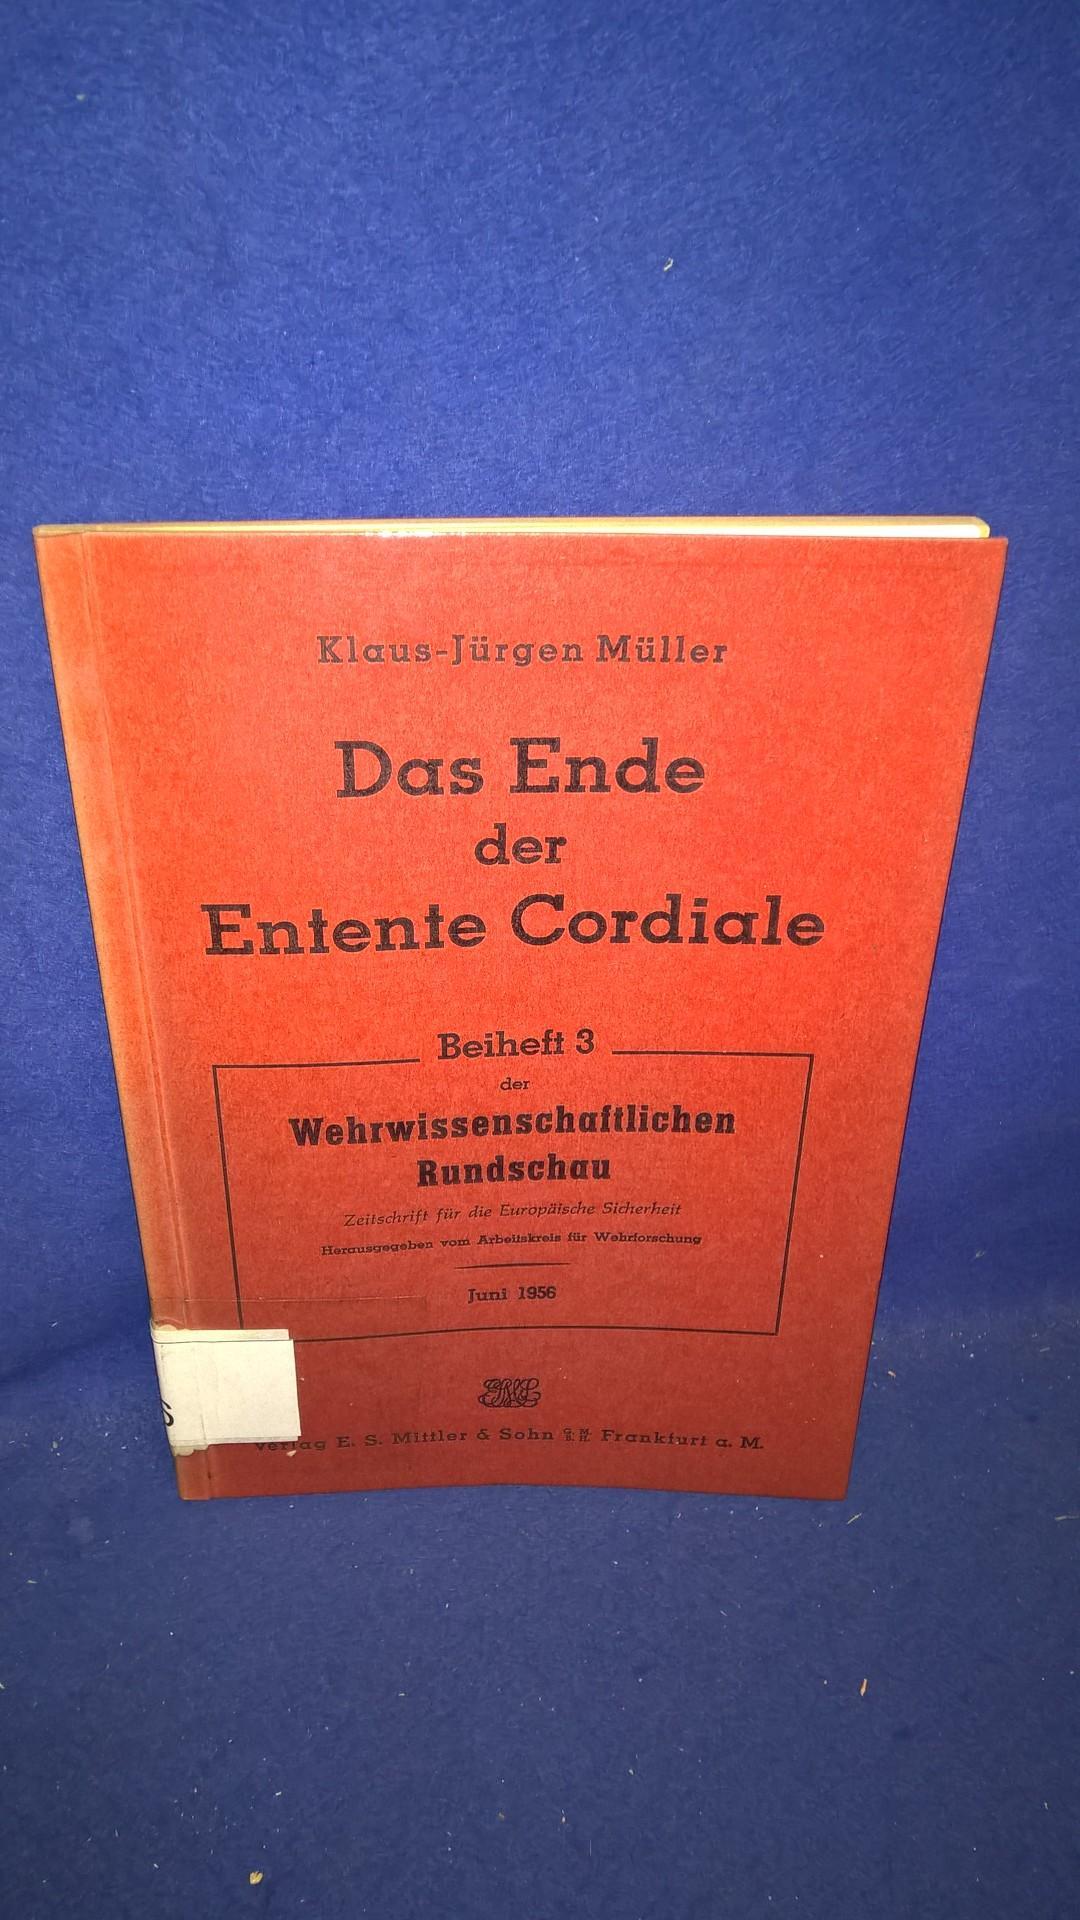 Das Ende der Entente Cordiale. Eine Studie zur Entwicklung der englisch-französischen Beziehungen während des Westfeldzuges 1940